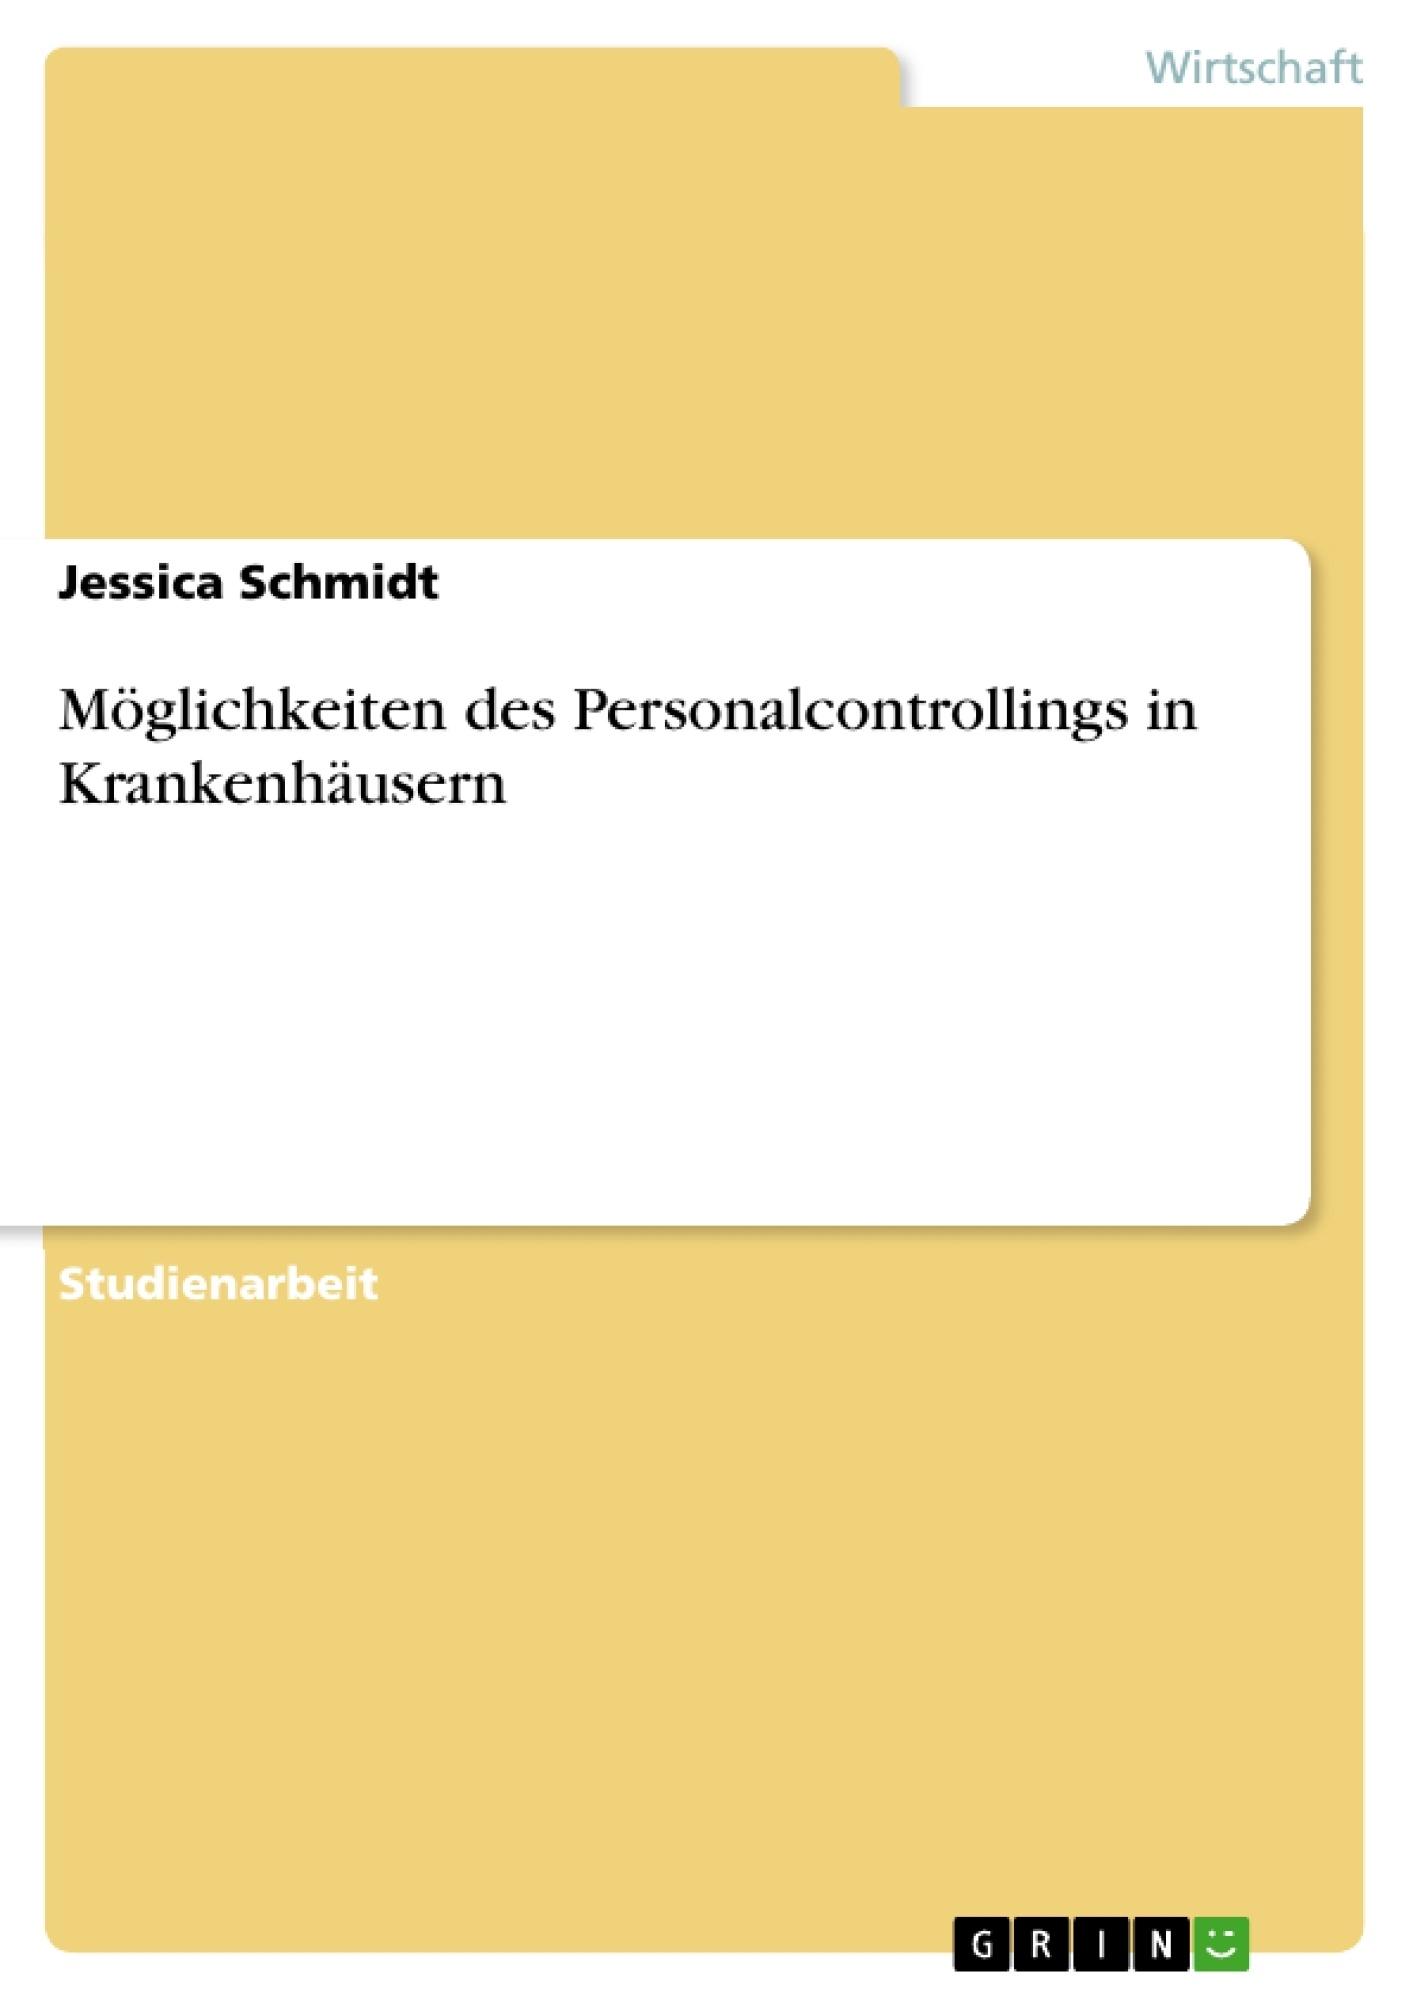 Titel: Möglichkeiten des Personalcontrollings in Krankenhäusern